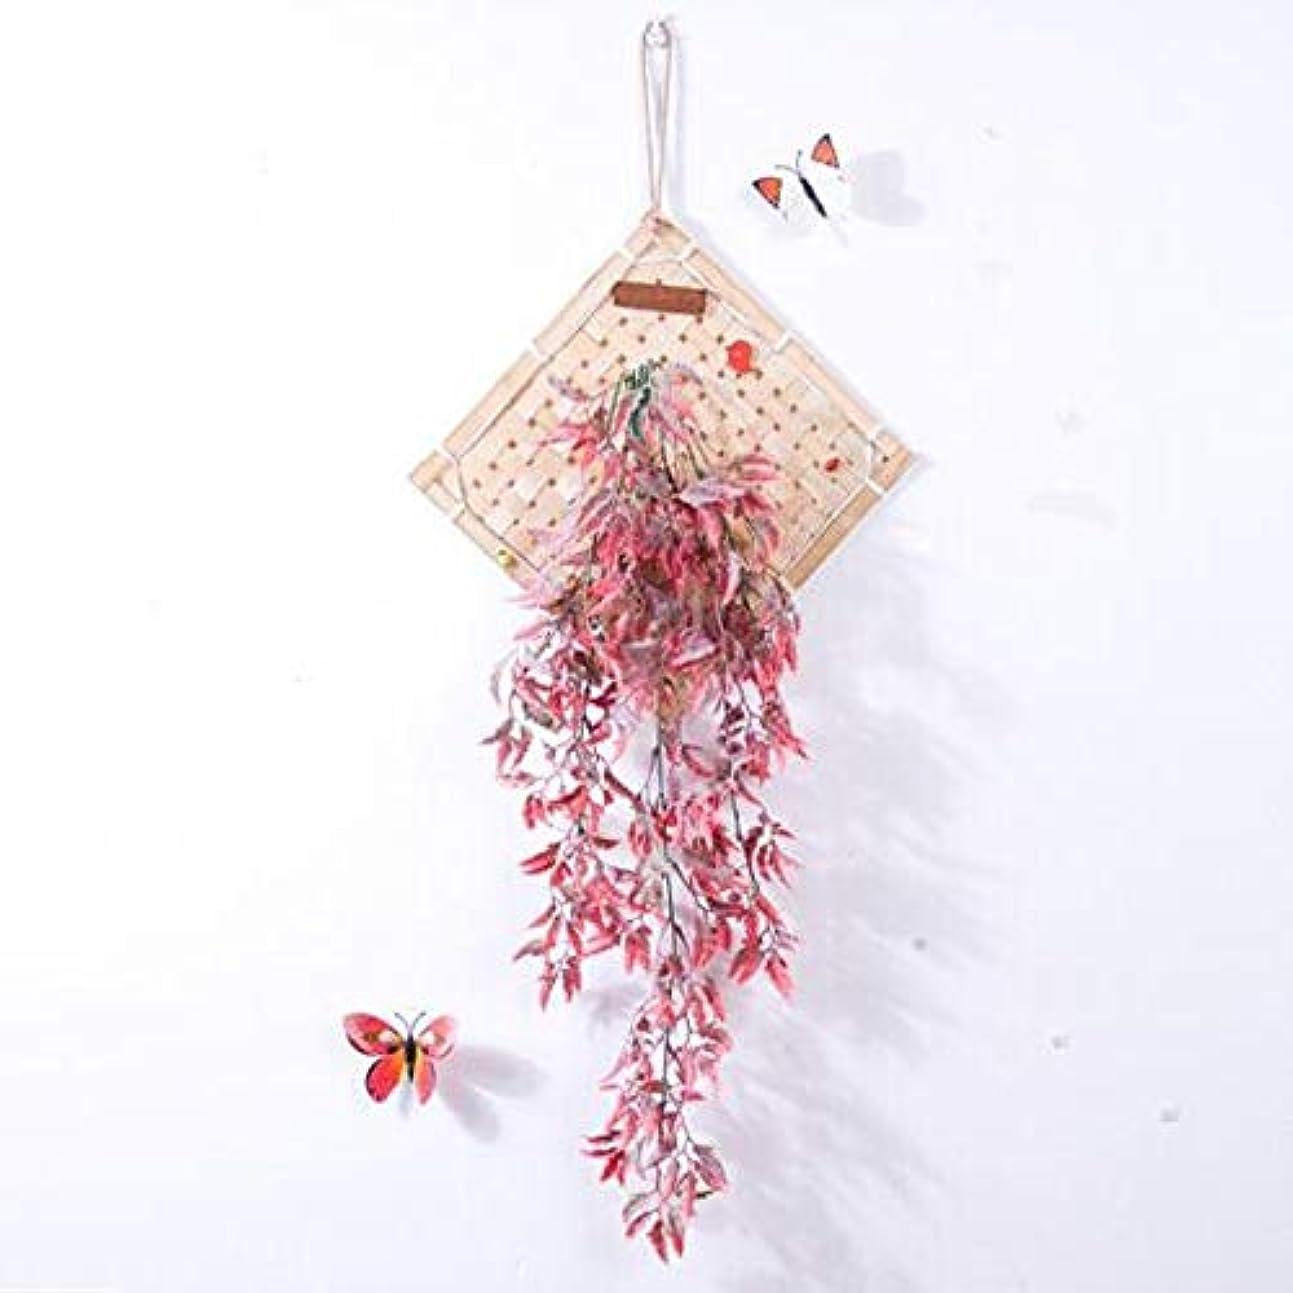 批評ぎこちない摂氏Qiyuezhuangshi 風チャイム、クリエイティブ?竹ホームデコレーション風チャイム、パープル、幅38.5CM,美しいホリデーギフト (Color : Pink)